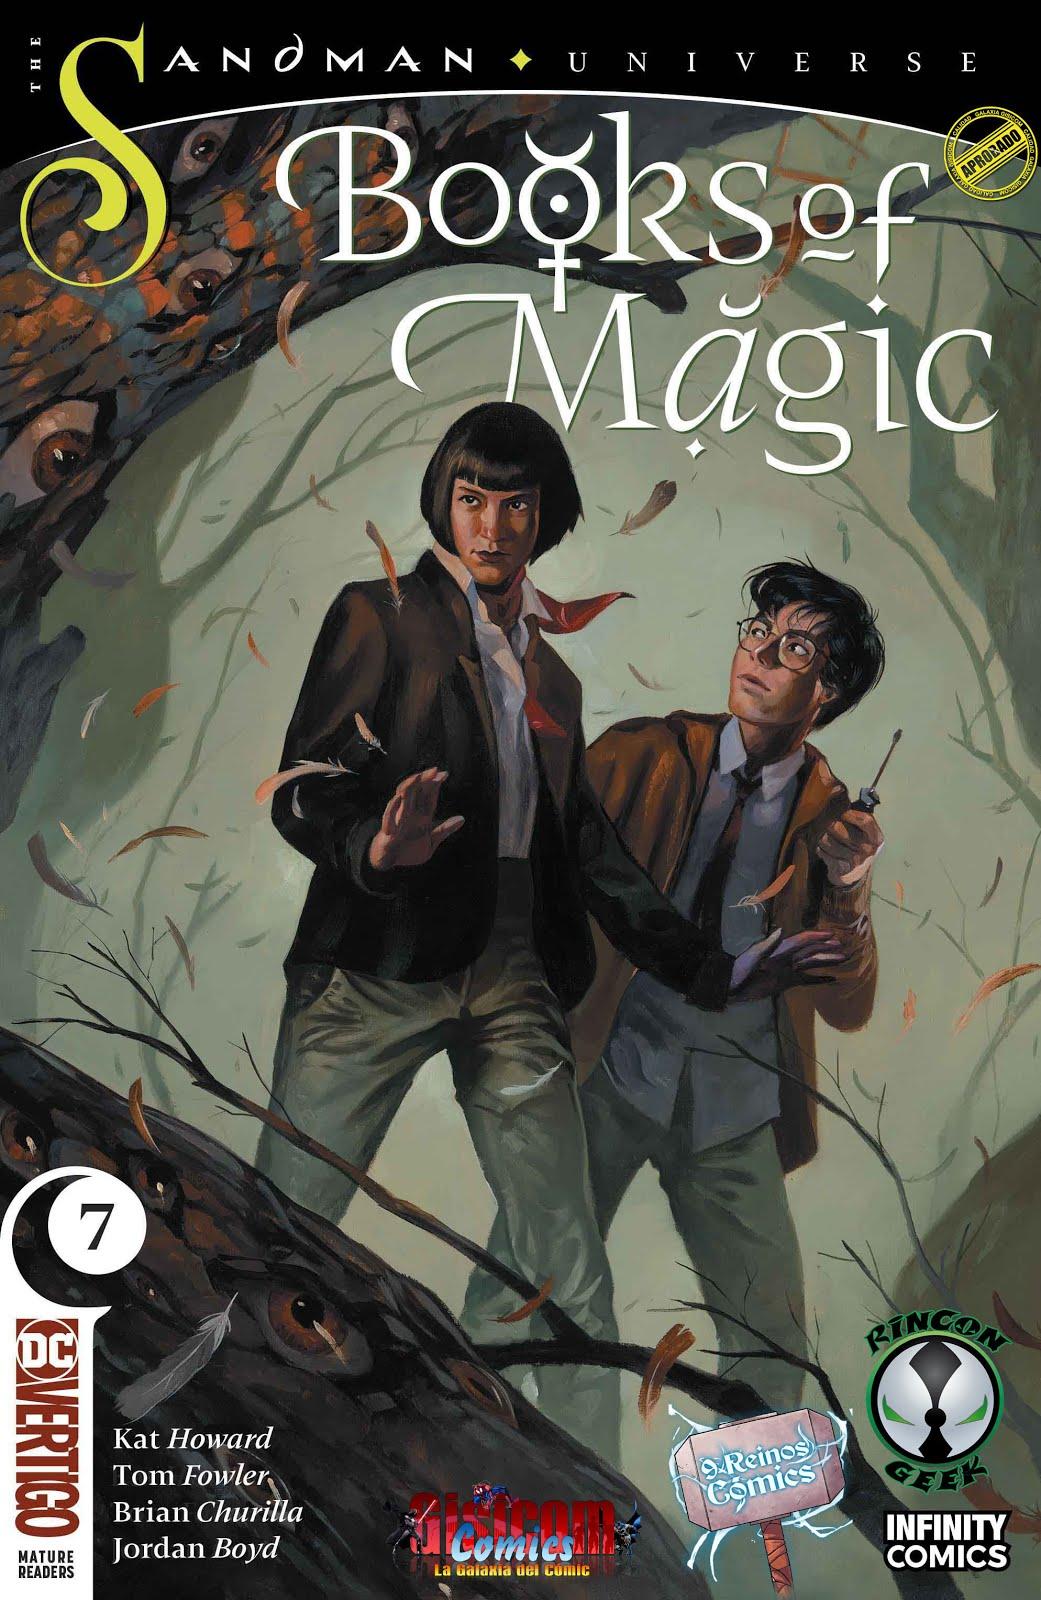 Actualización 19/05/2019: Continua la magia de la mano de Spector, The Geek 8 y Mastergel para 9 Reinos Comics y El Rincon del Geek. Números 5, 6 y 7. Tim y Rose emprenden un viaje que los lleva a través del tiempo y el espacio, a la tierra de Faerie. Tim tiene la extraña sensación de que ha estado aquí antes, pero seguro que si hubiera estado en un lugar tan mágico y hermoso, lo recordaría, ¿verdad?